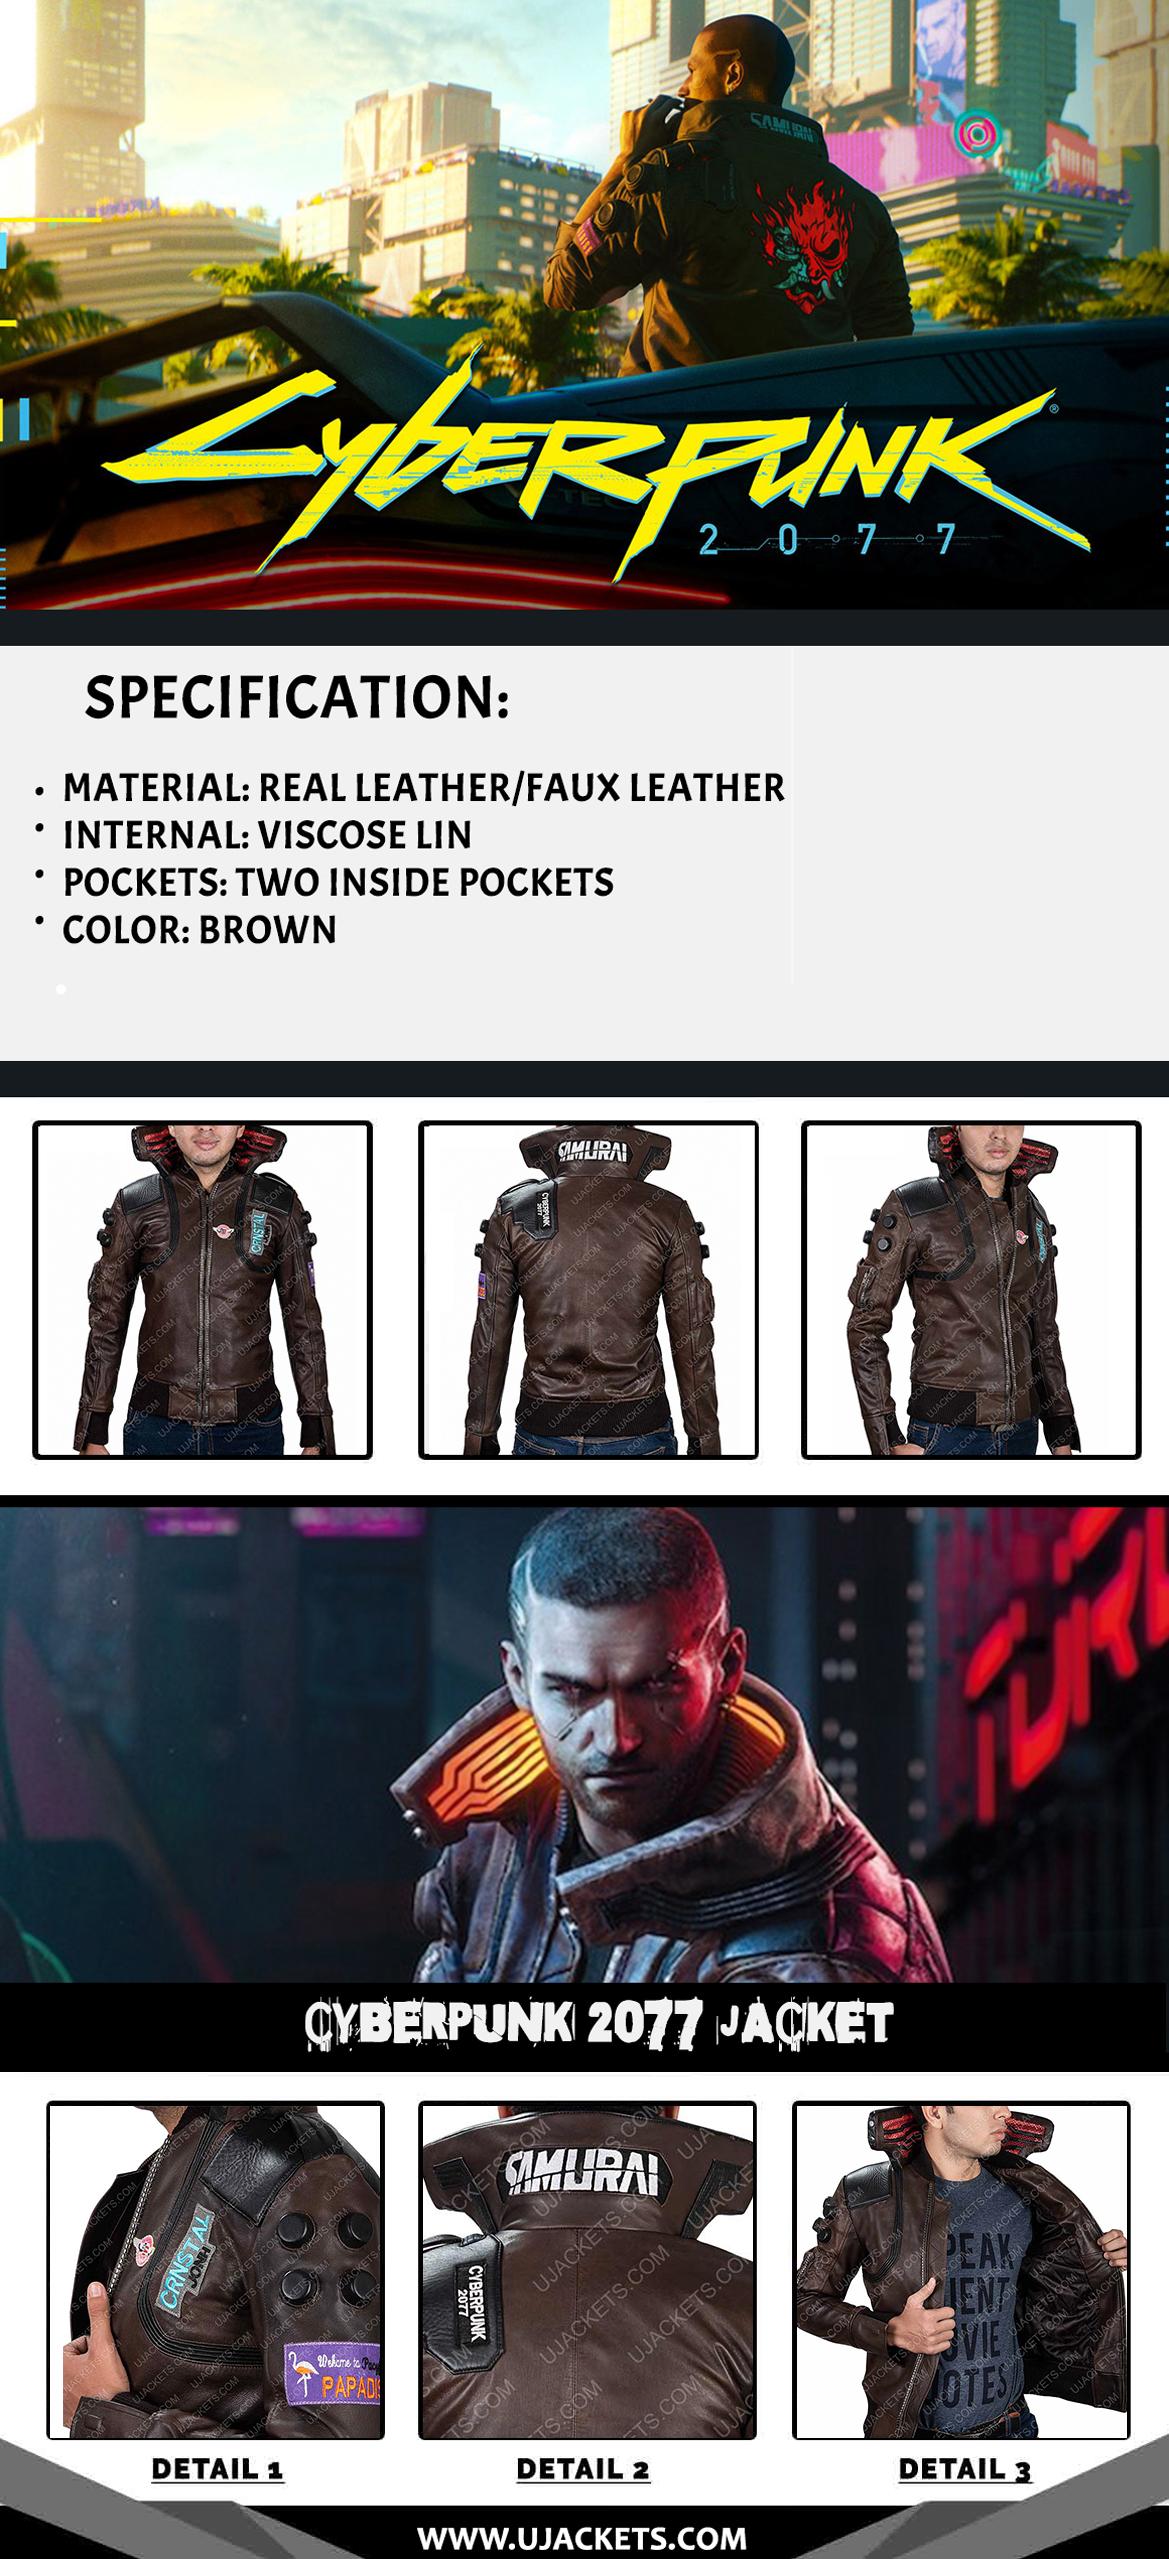 Cyberpunk-2077-Jacket-7123